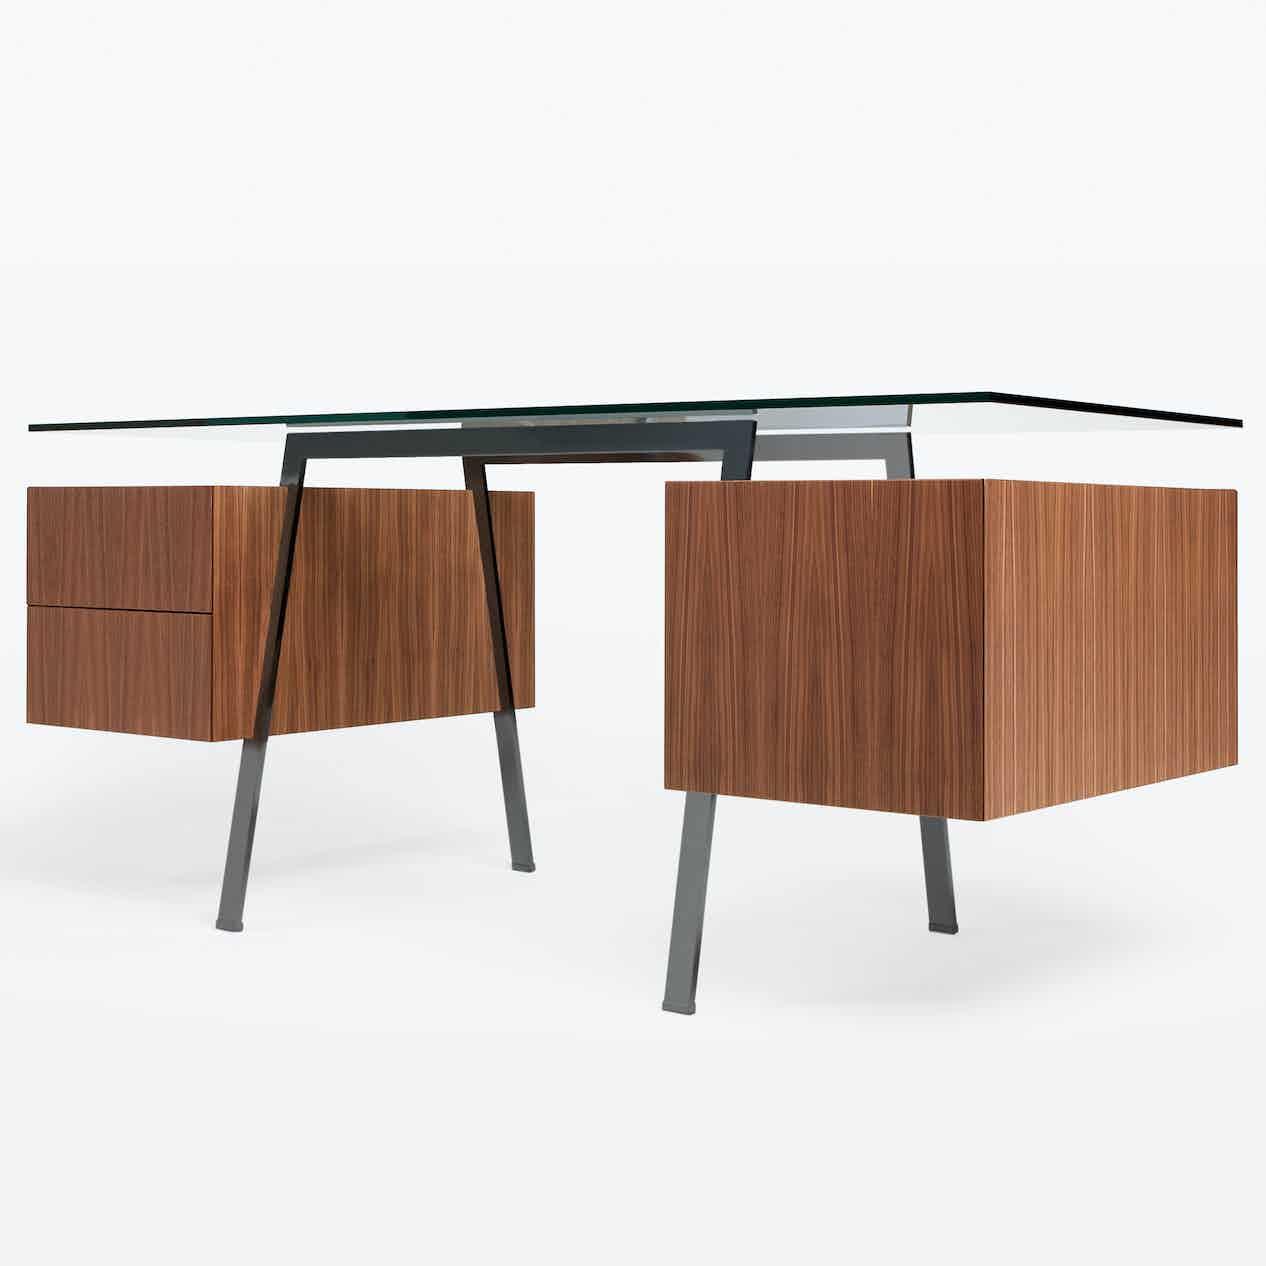 Bensen furniture homework desk thumbnail haute living